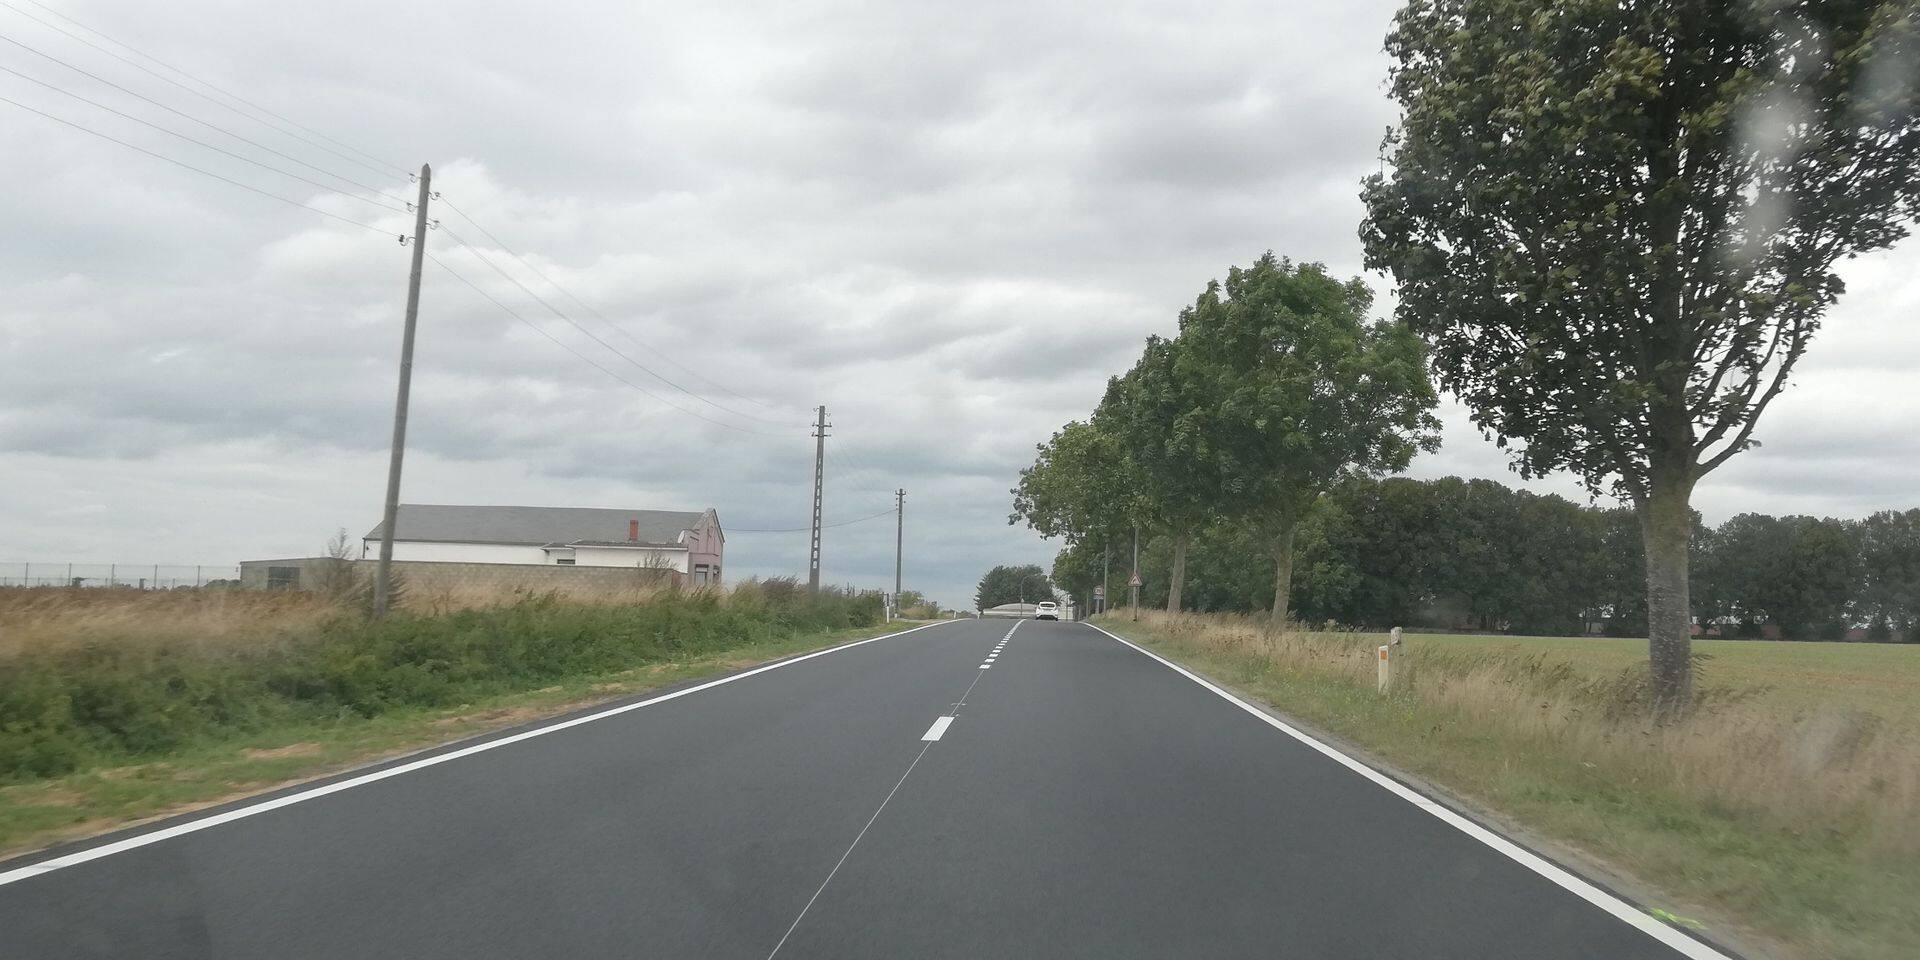 Chantier entre Rouveroy et Erquelinnes : la date de la fin des travaux est connue